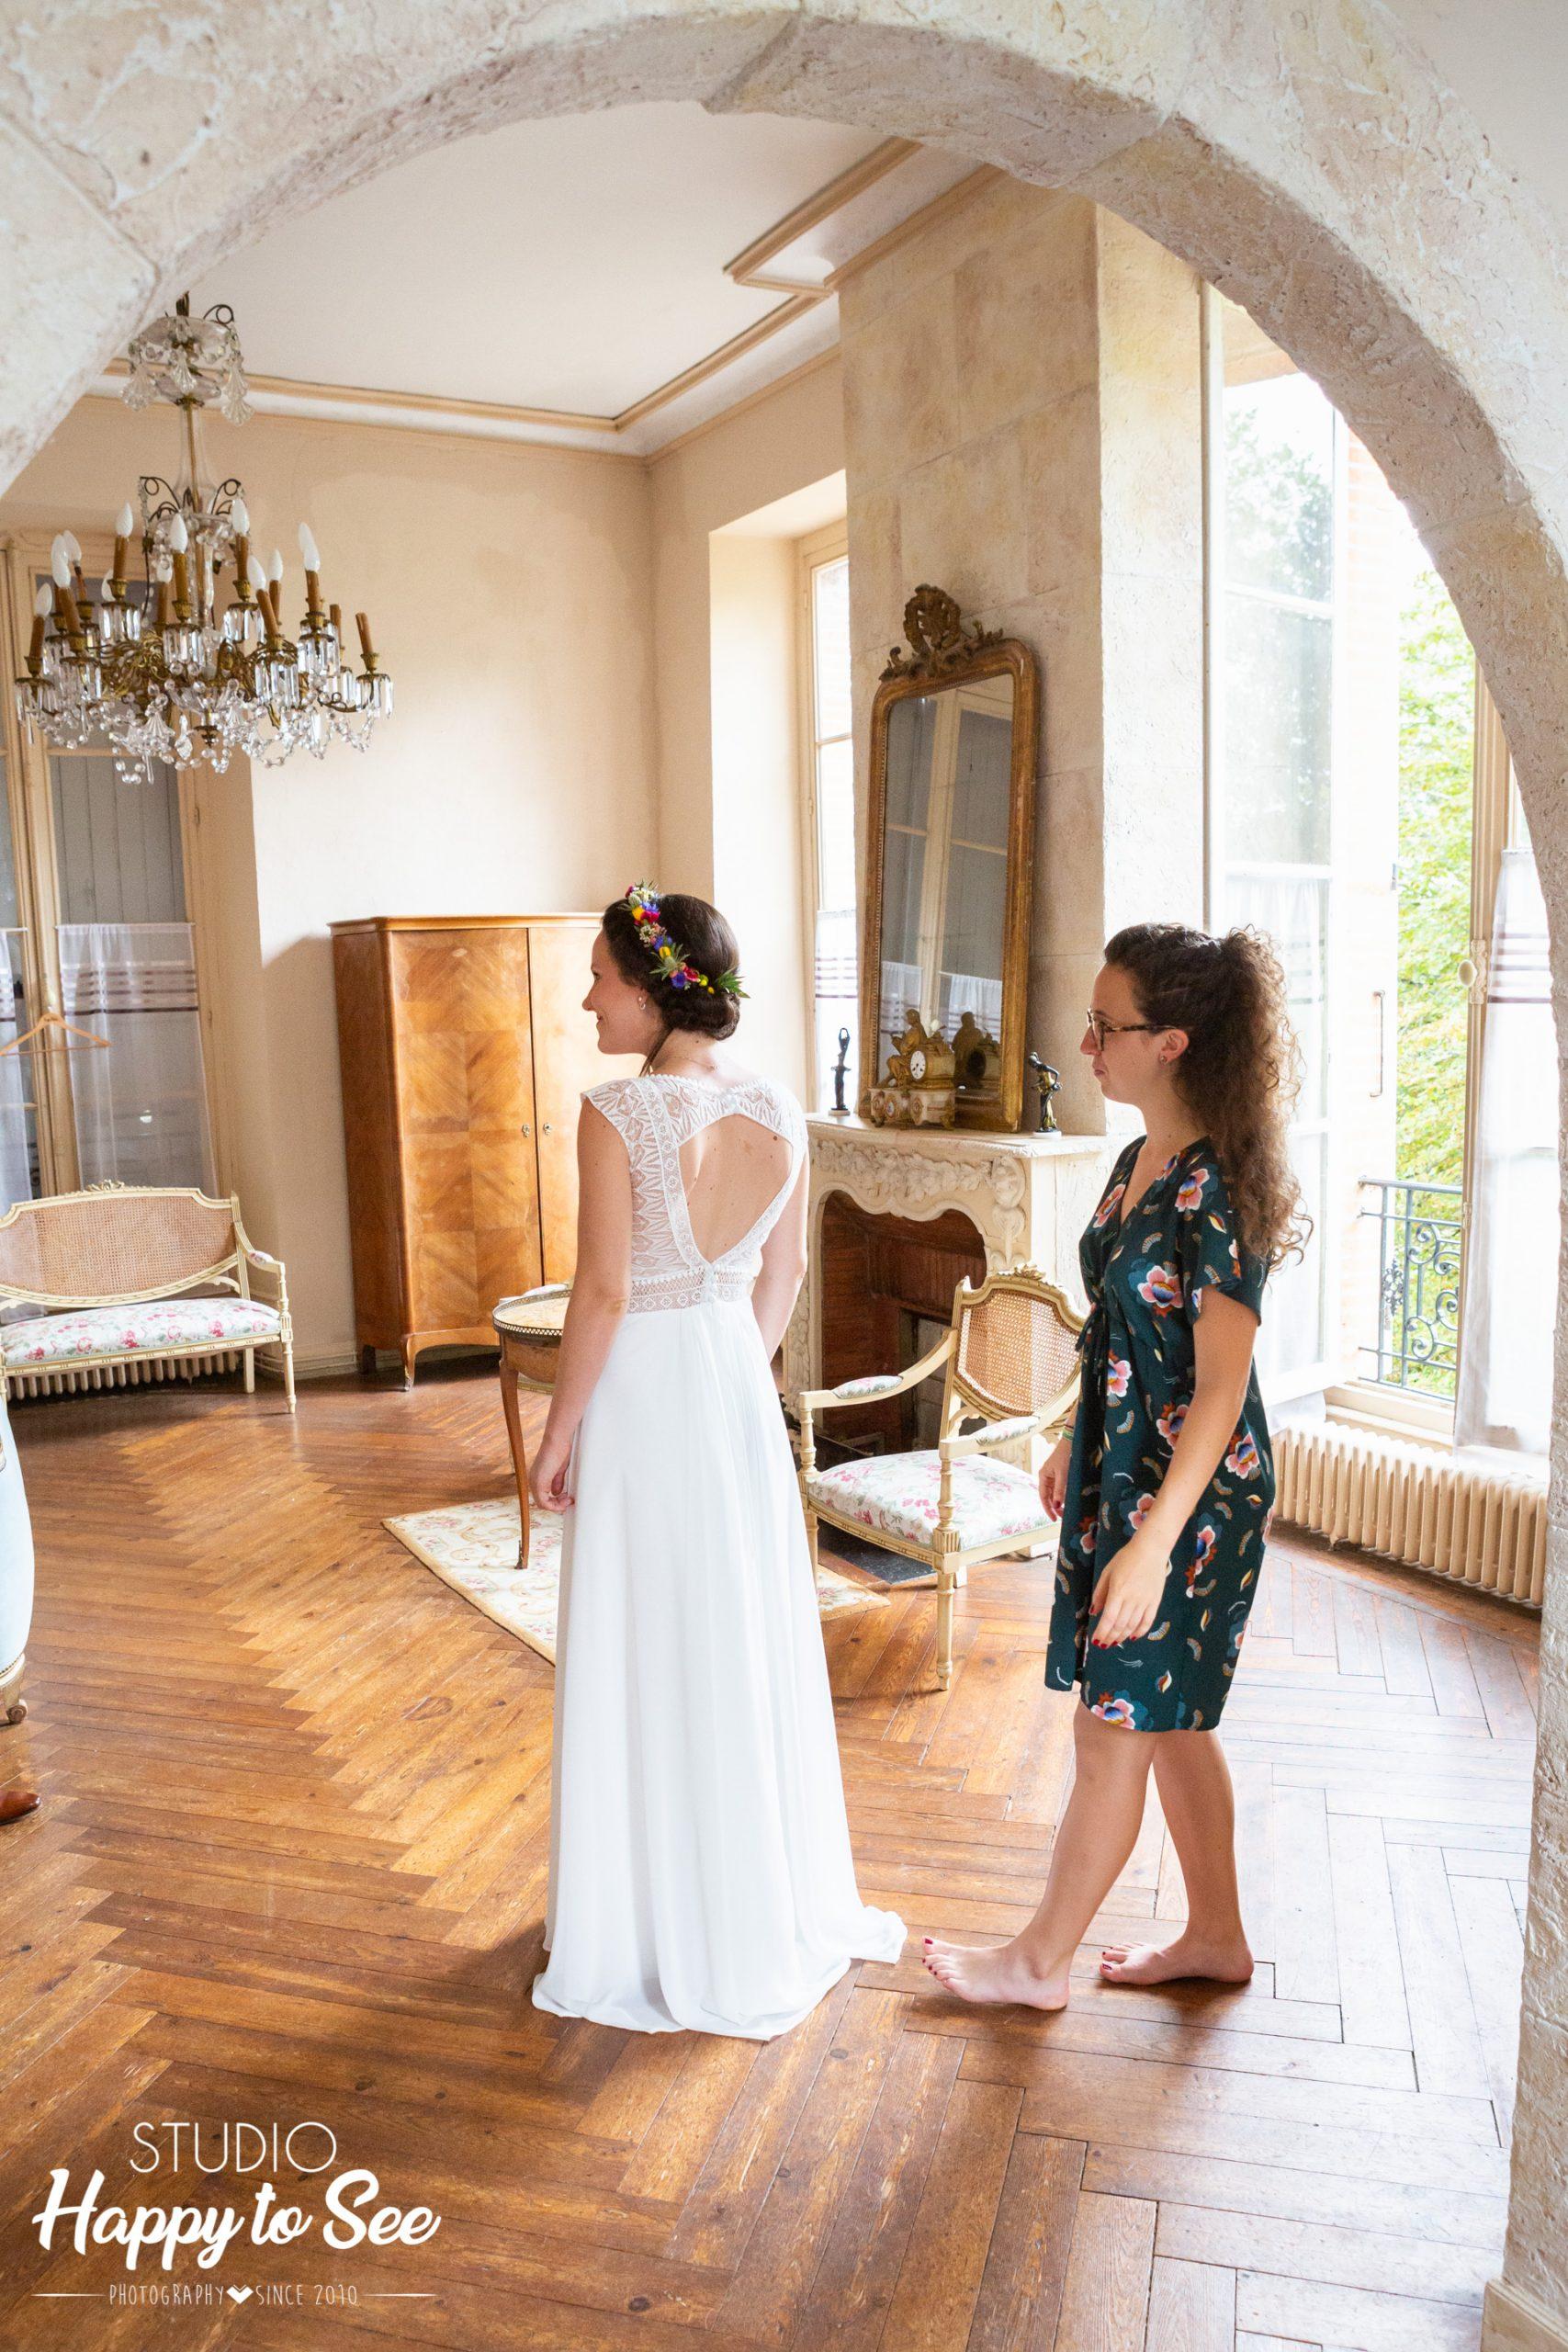 Habillage de la mariée chateau du croisillat